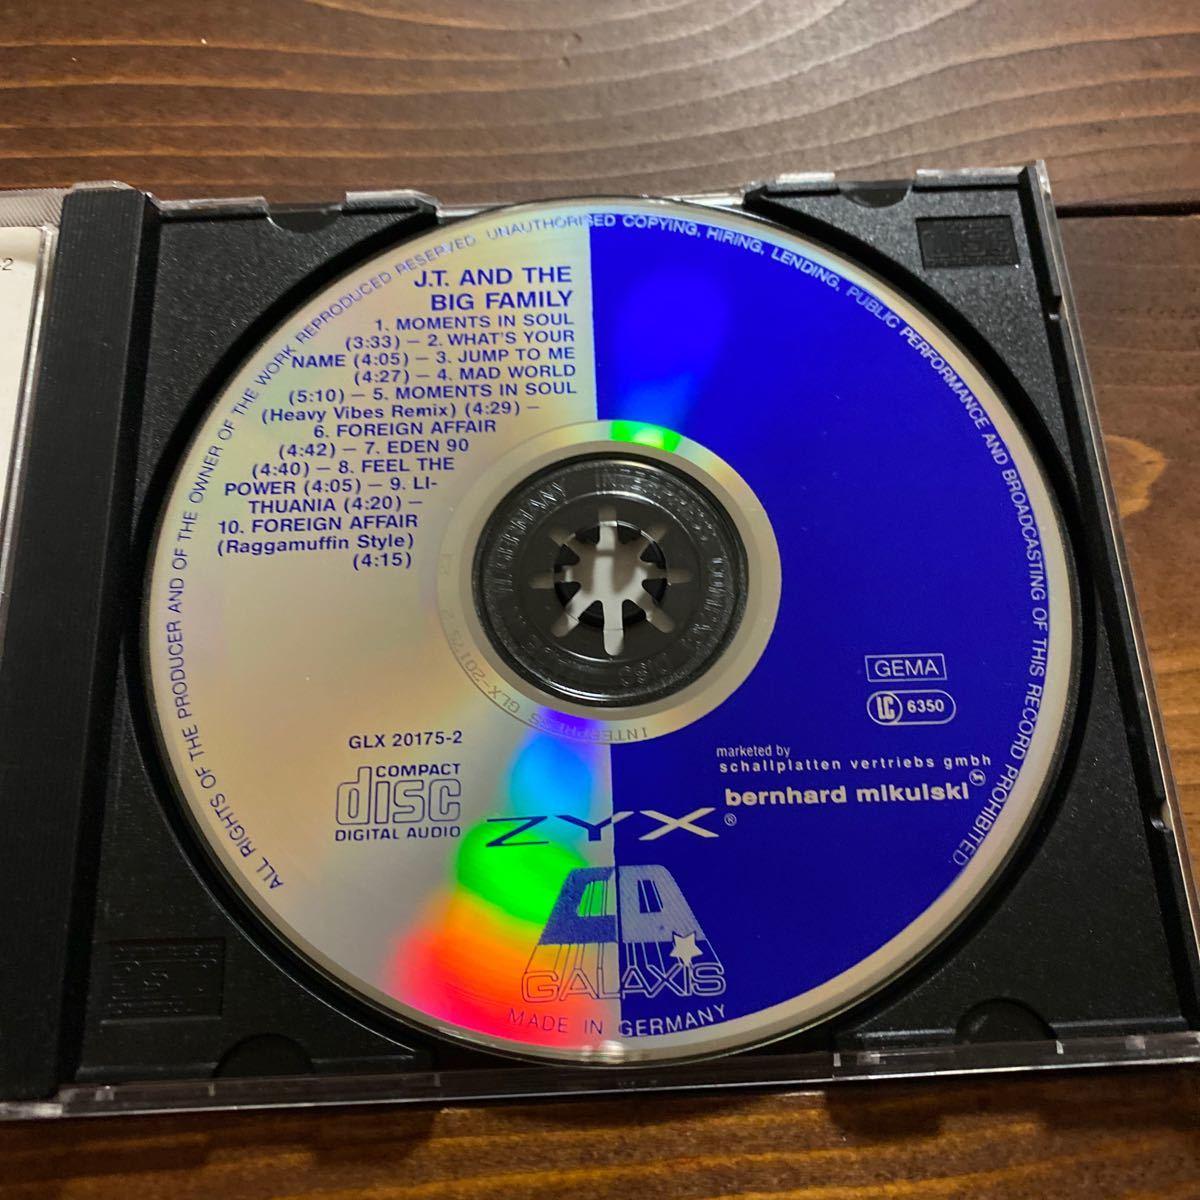 激レア! J.T. & The Big Family / 唯一のALBUM / Groundbeat / Moments In Soul収録_画像3